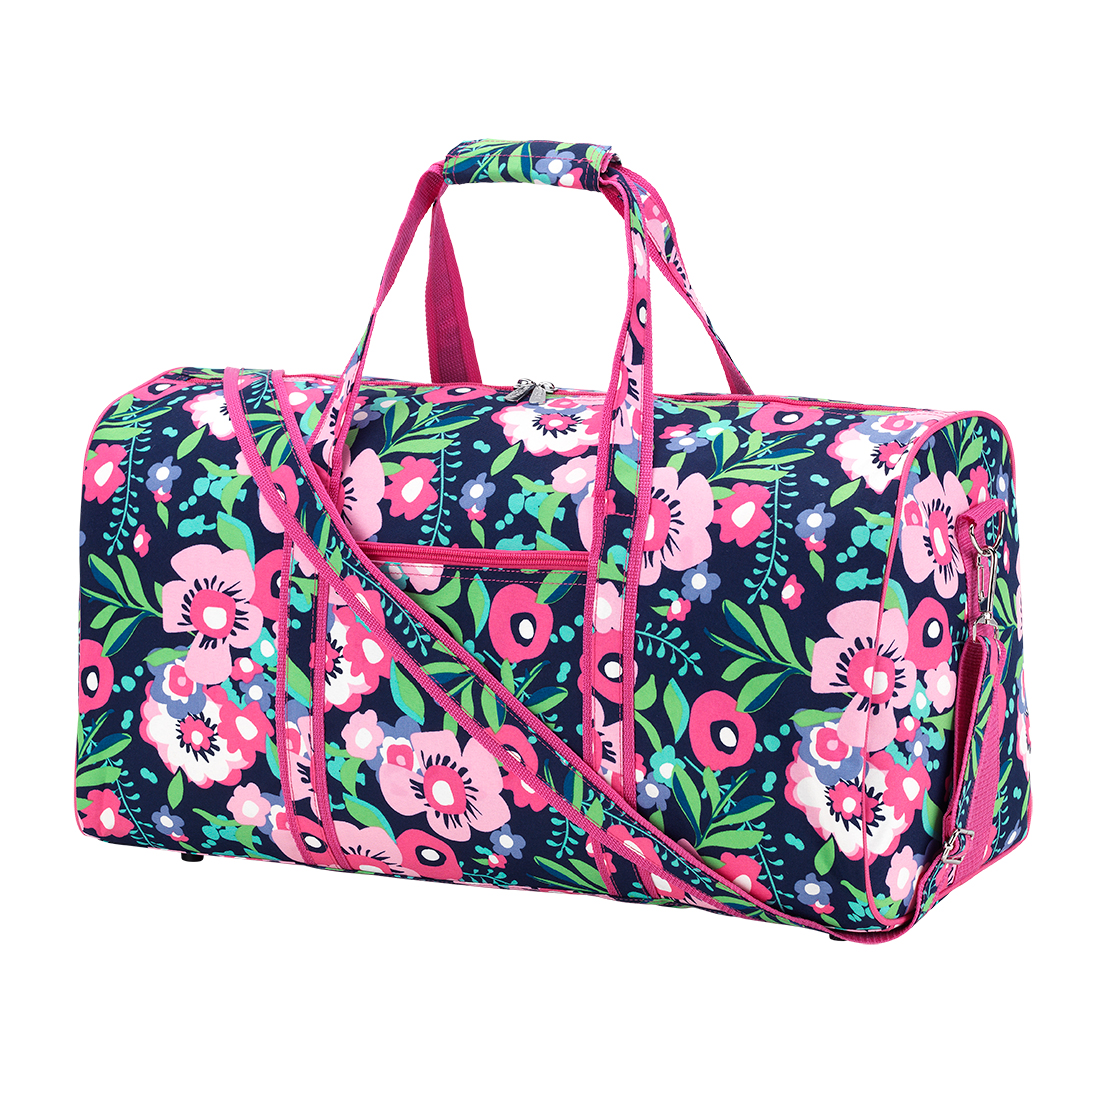 2d5faa878603 Girls Duffel Bag. Tap to expand